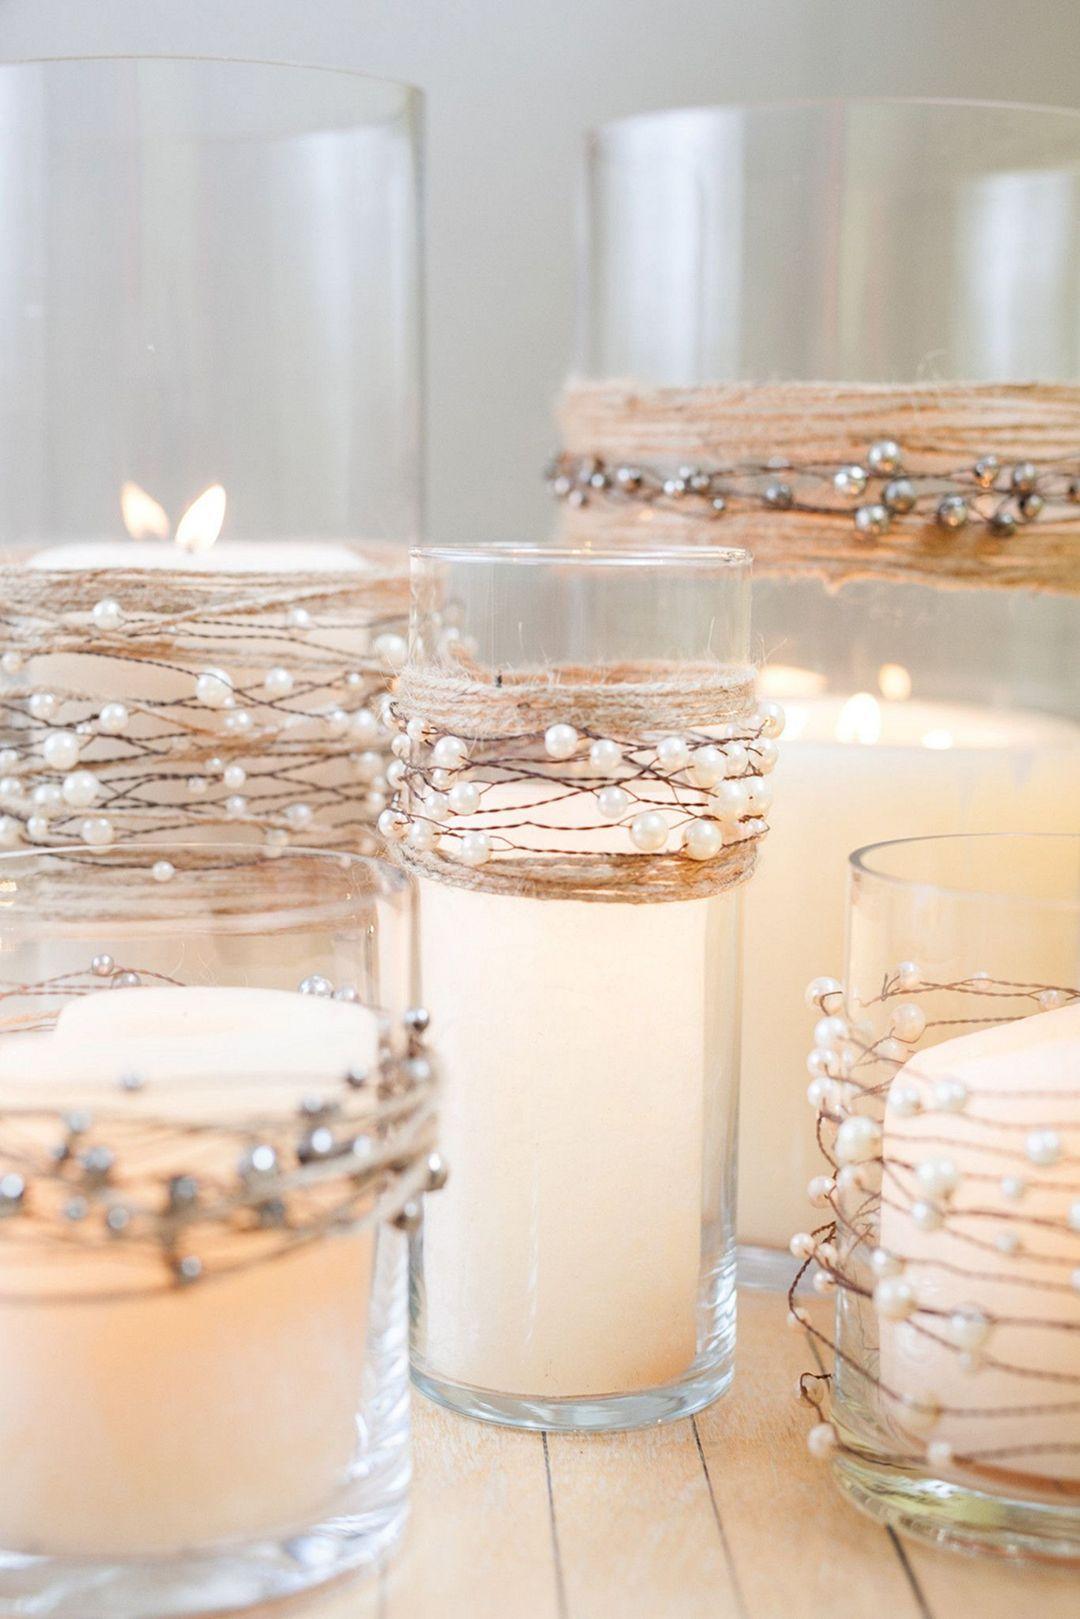 Easy wedding decorations diy   DIY Creative Rustic Chic Wedding Centerpieces Ideas  Wedding